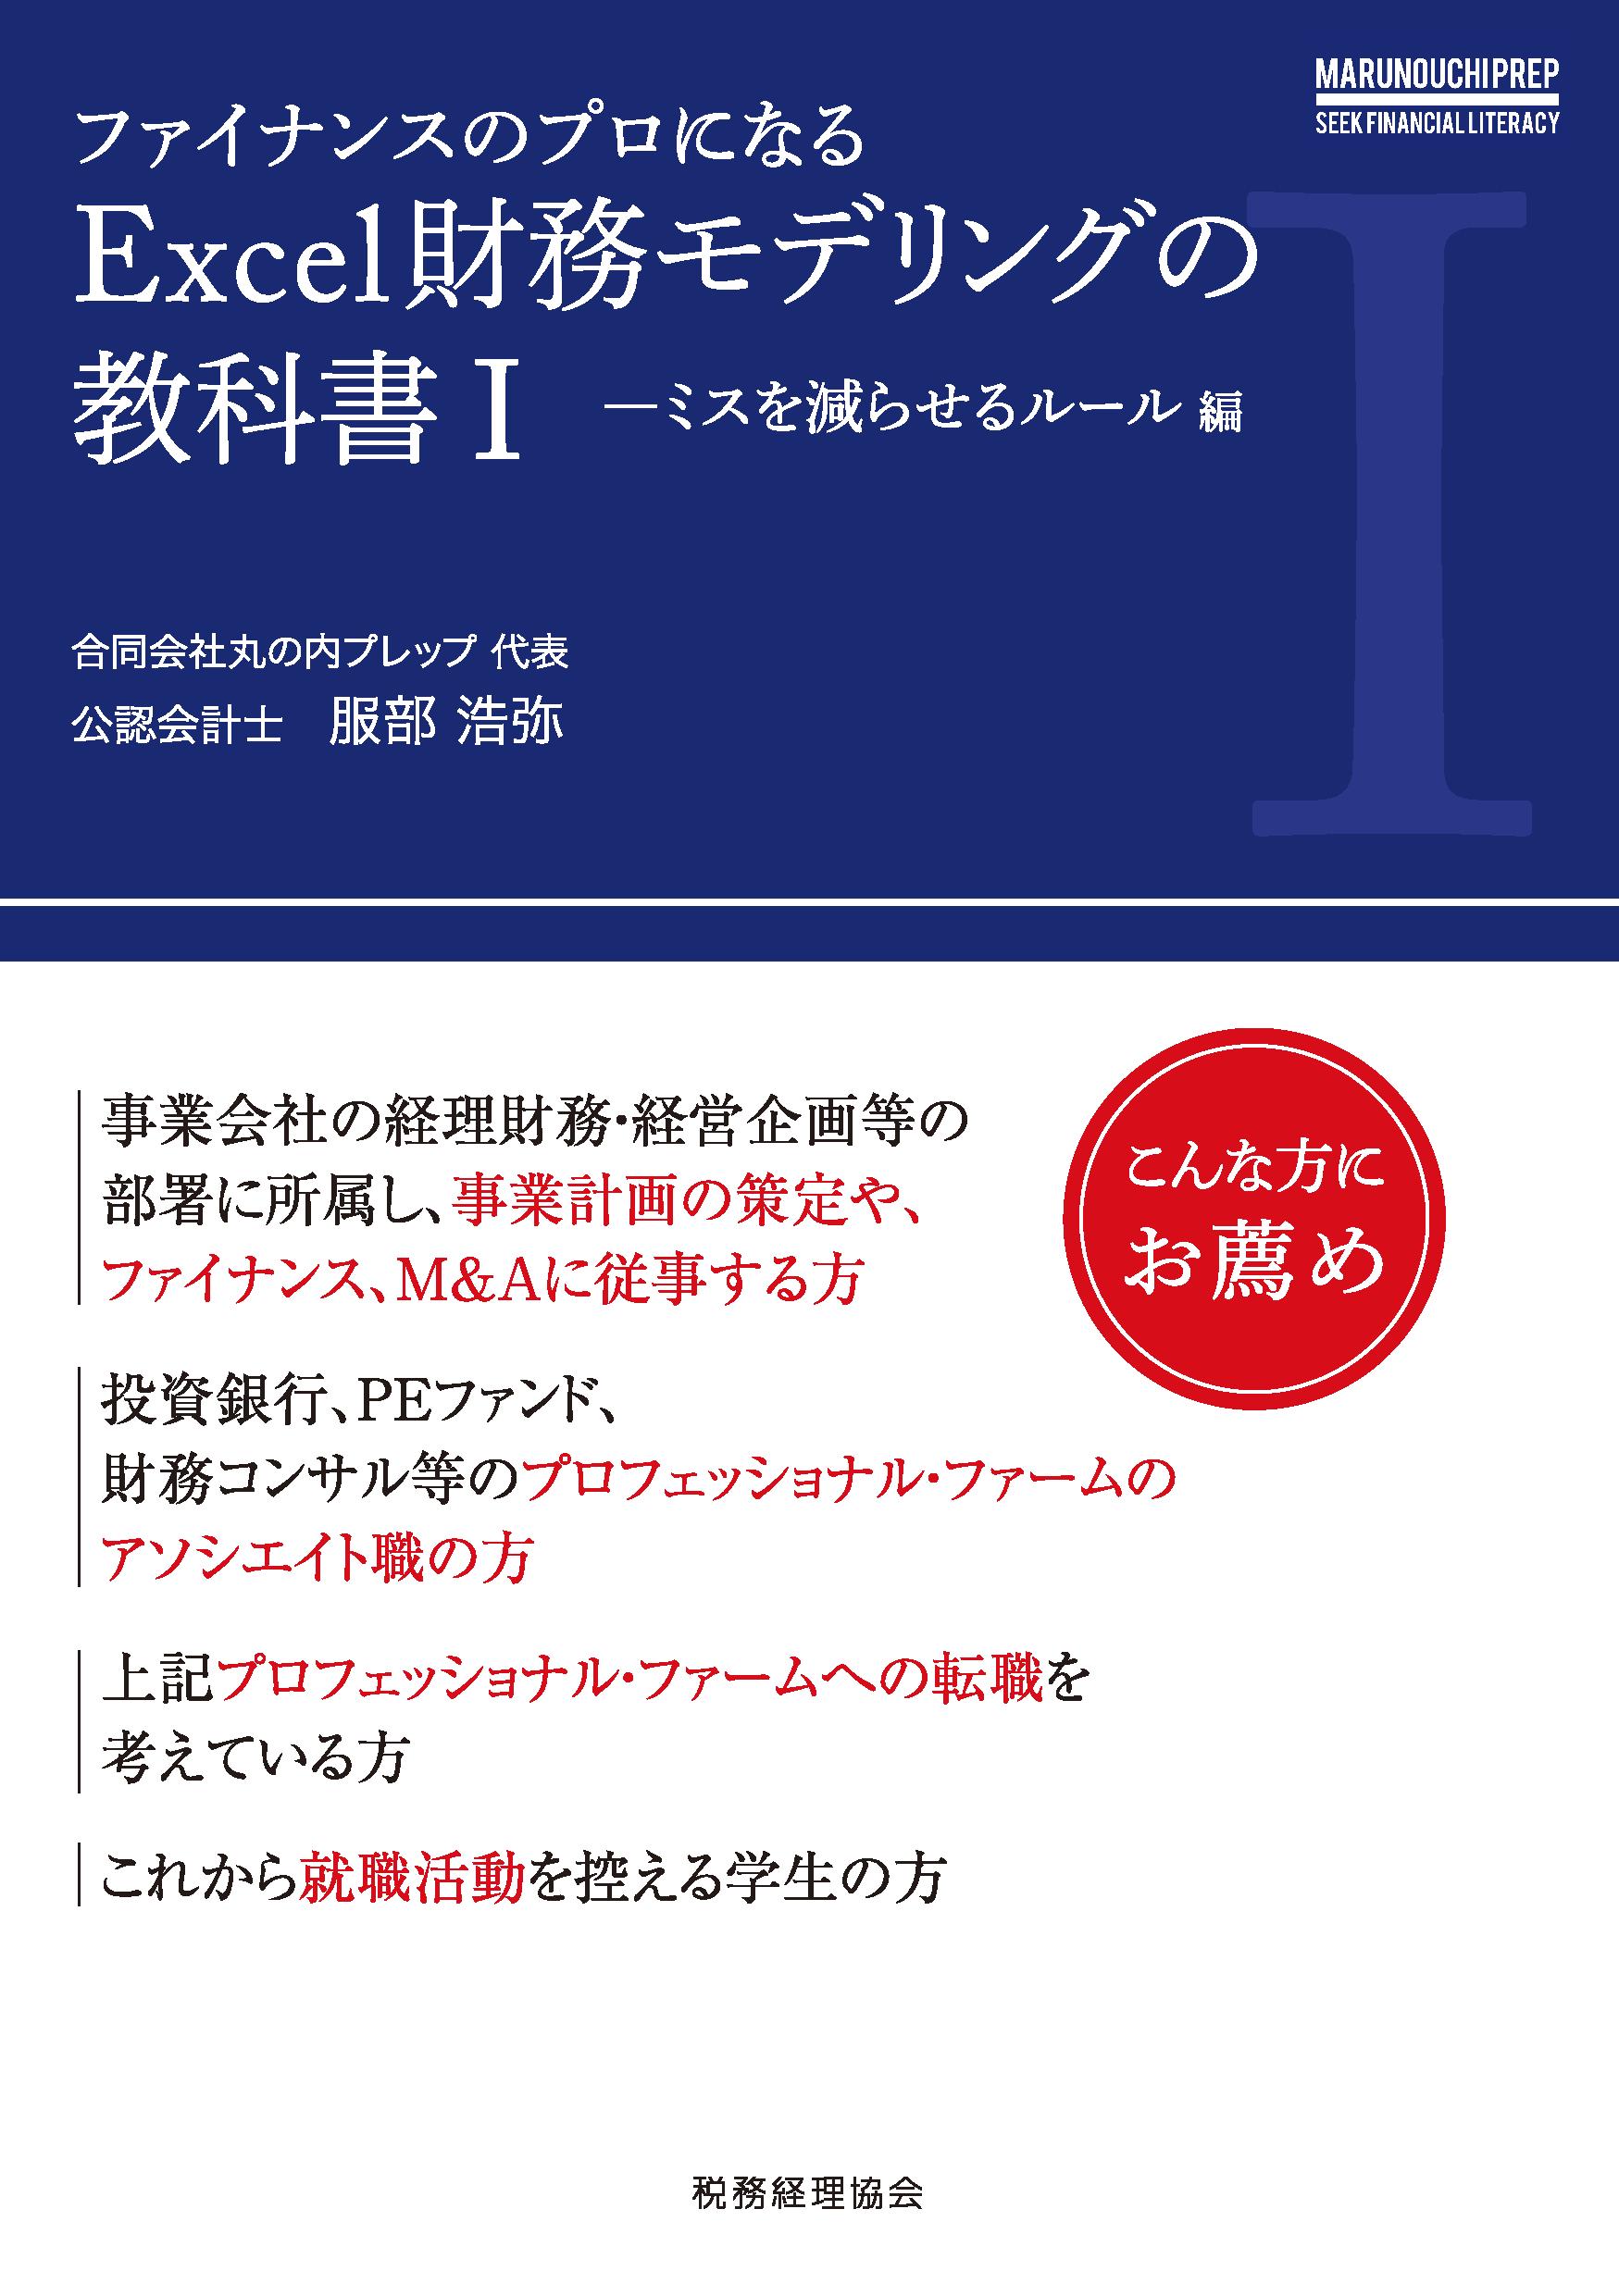 服部浩弥著『ファイナンスのプロになる Excel財務モデリングの教科書I』4月1日刊行